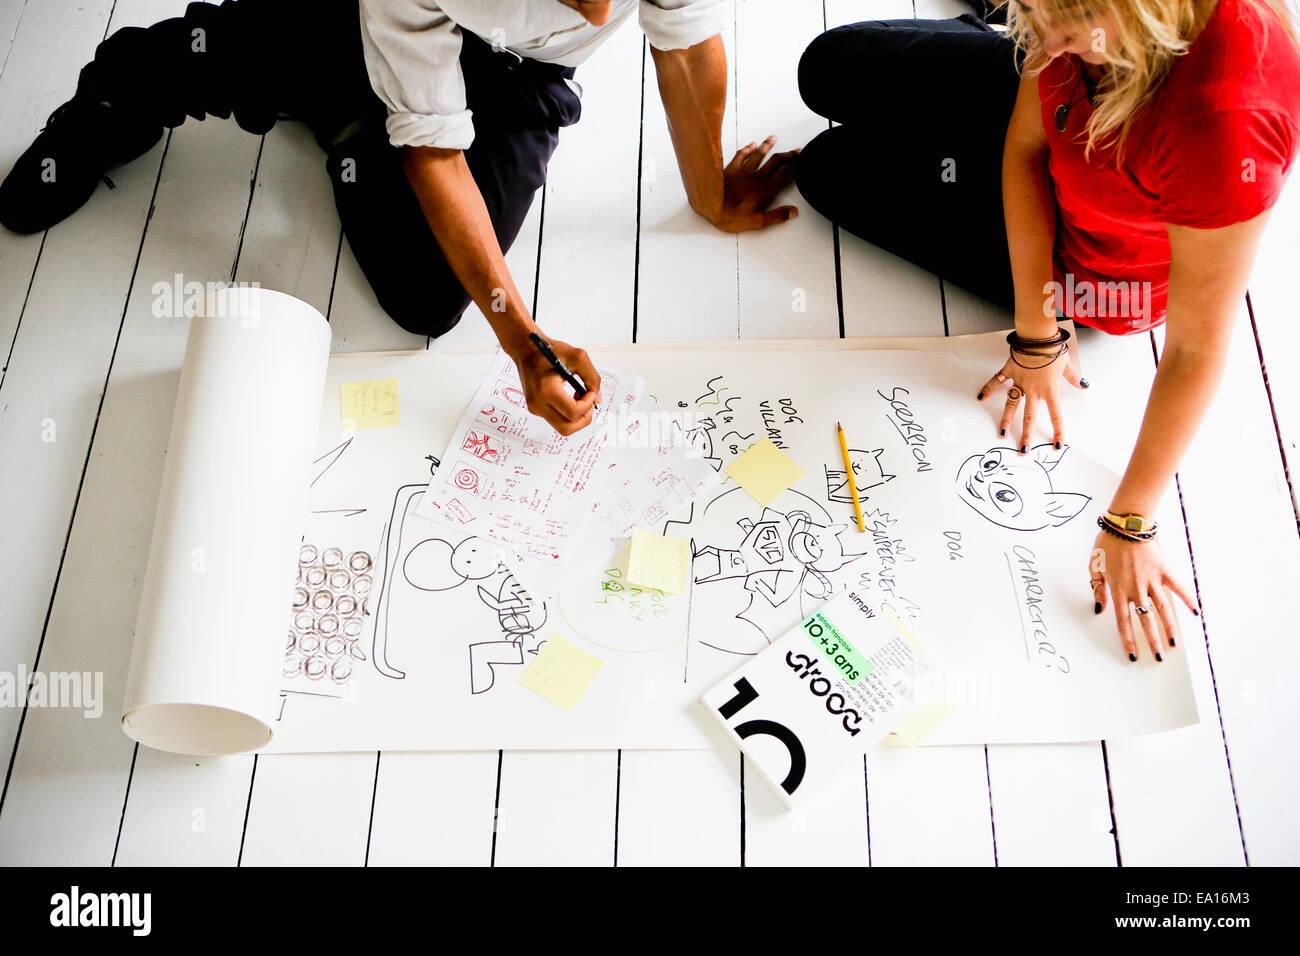 Les concepteurs graphiques brainstorming sur marbre Photo Stock